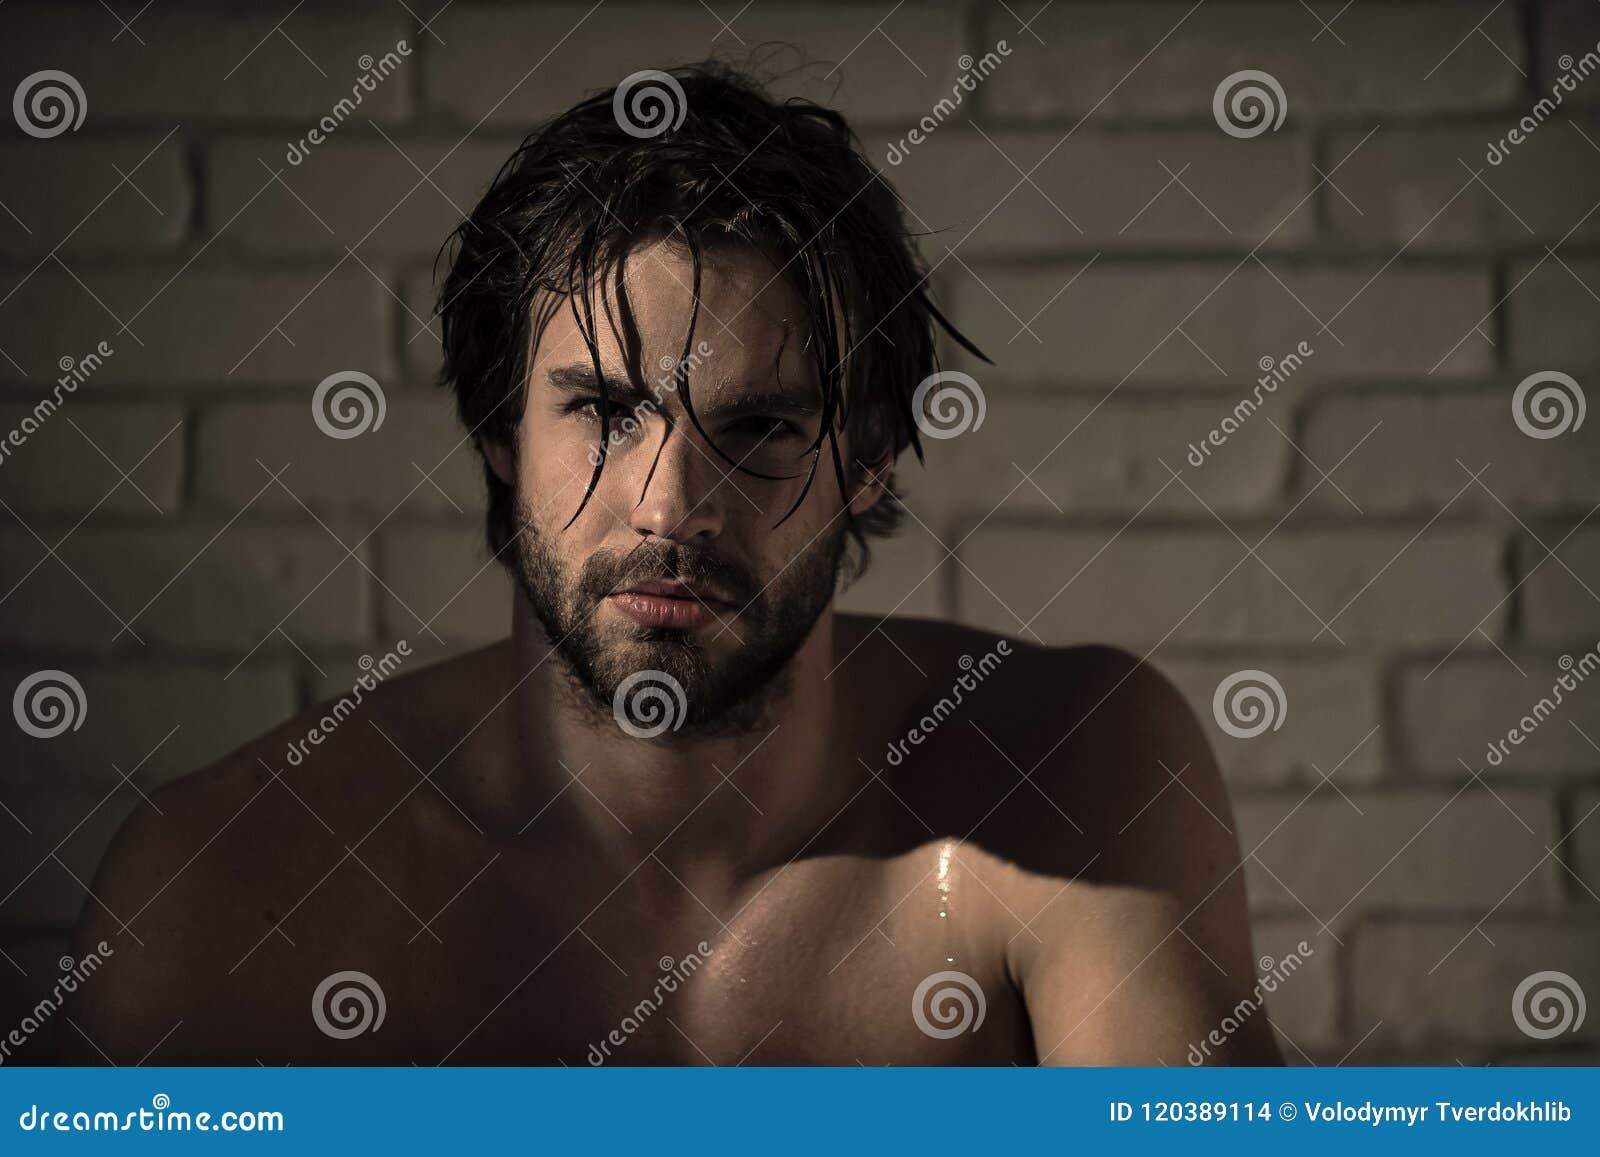 Soin personnel homme sexy avec les cheveux humides, corps musculaire dans le bain, douche